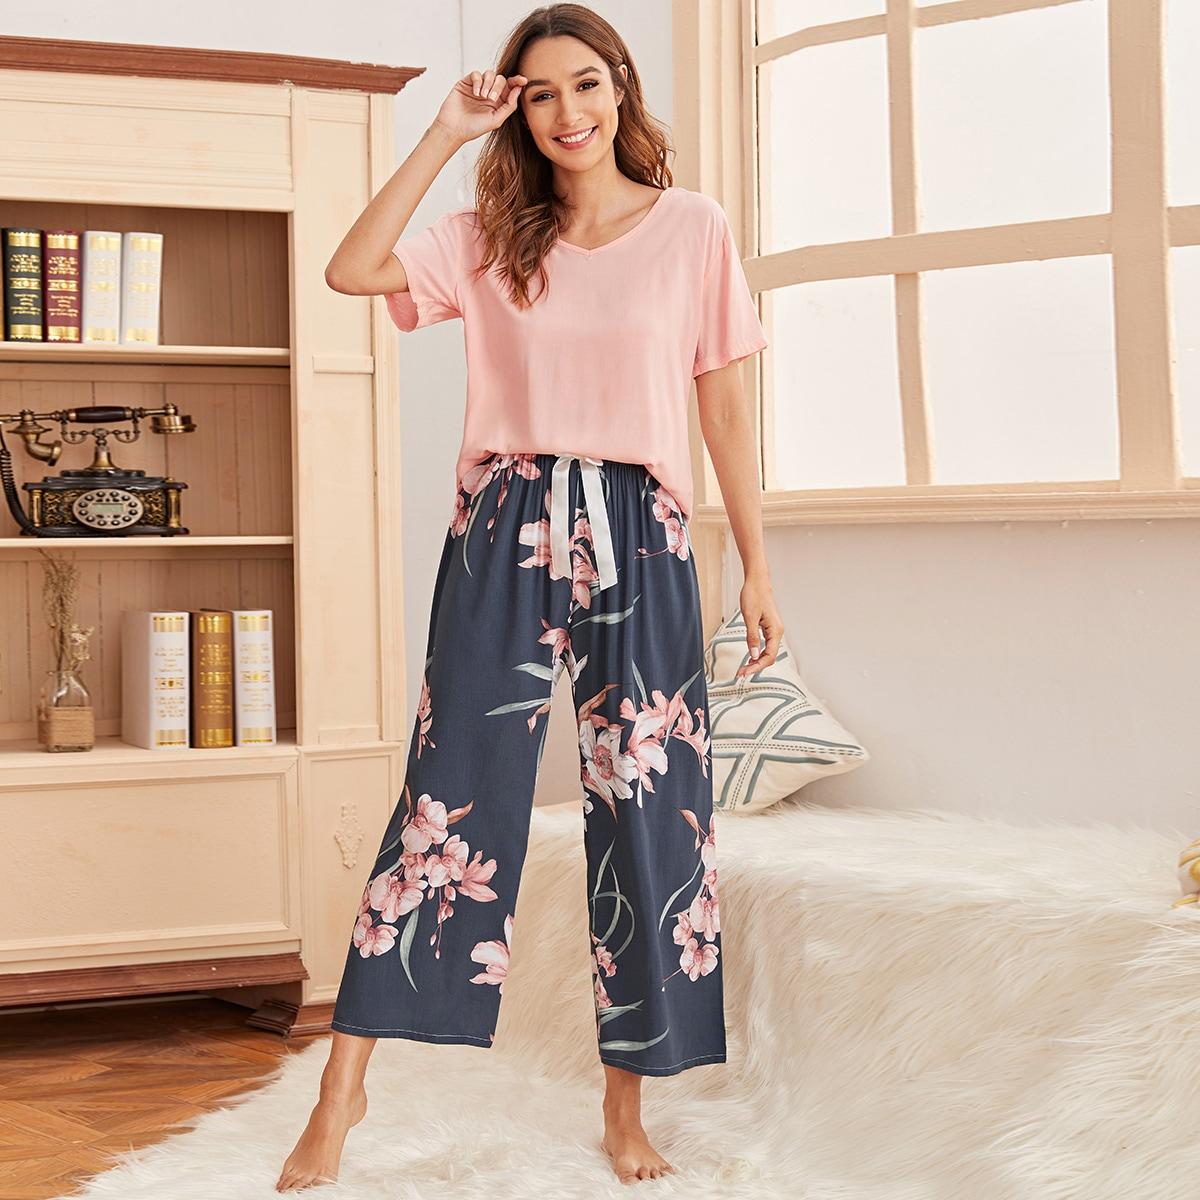 Пижама на кулиске с цветочным принтом